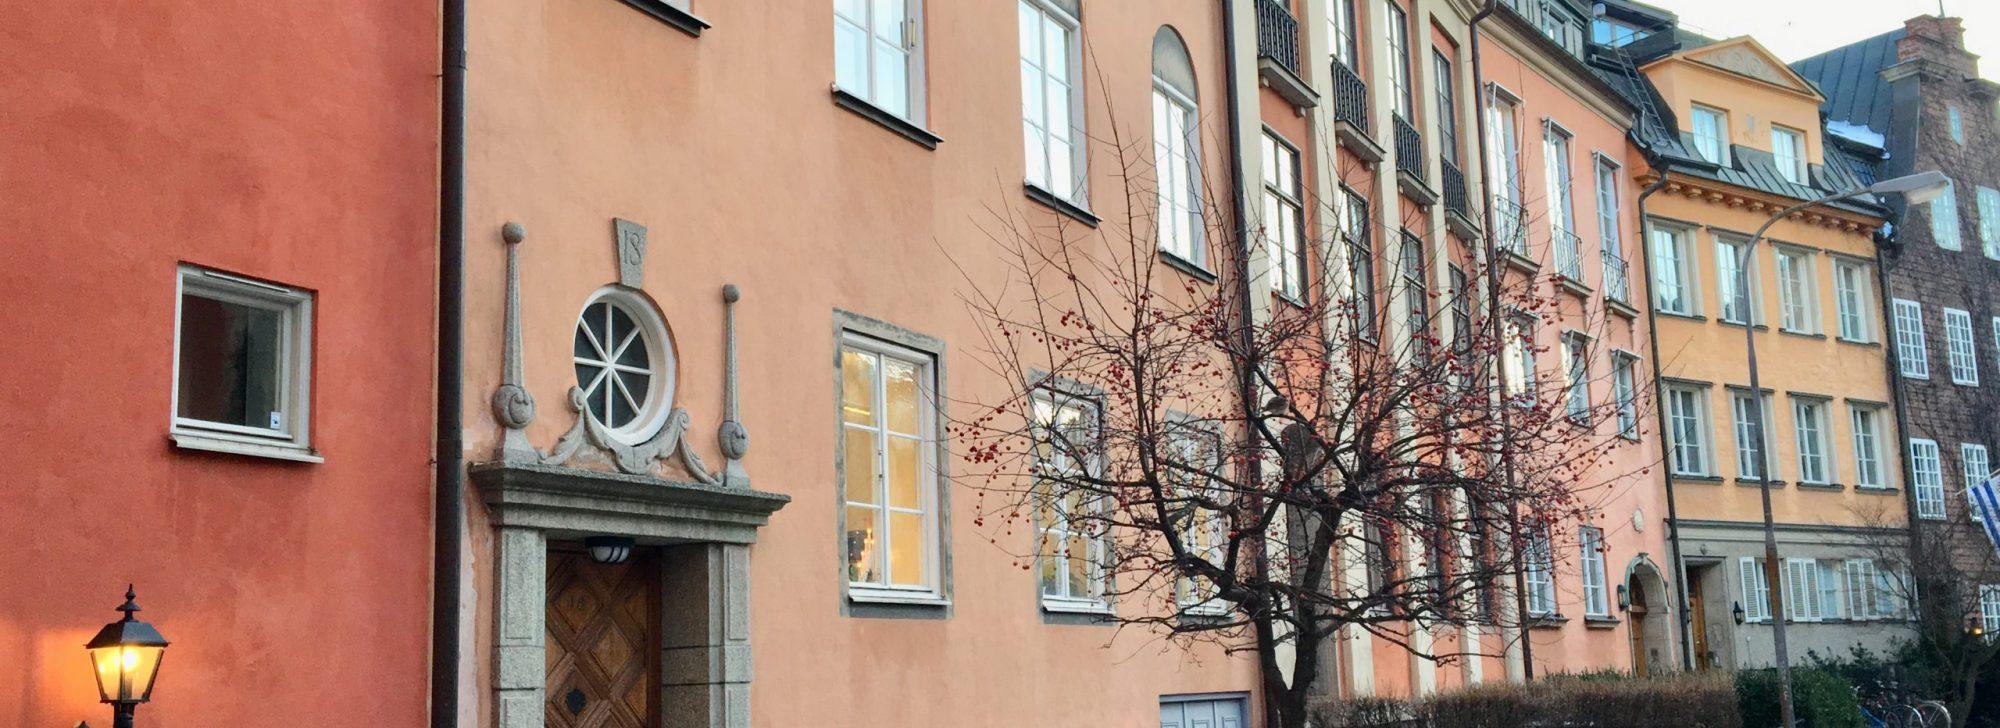 Inredning, arkitektur och stilhistoria